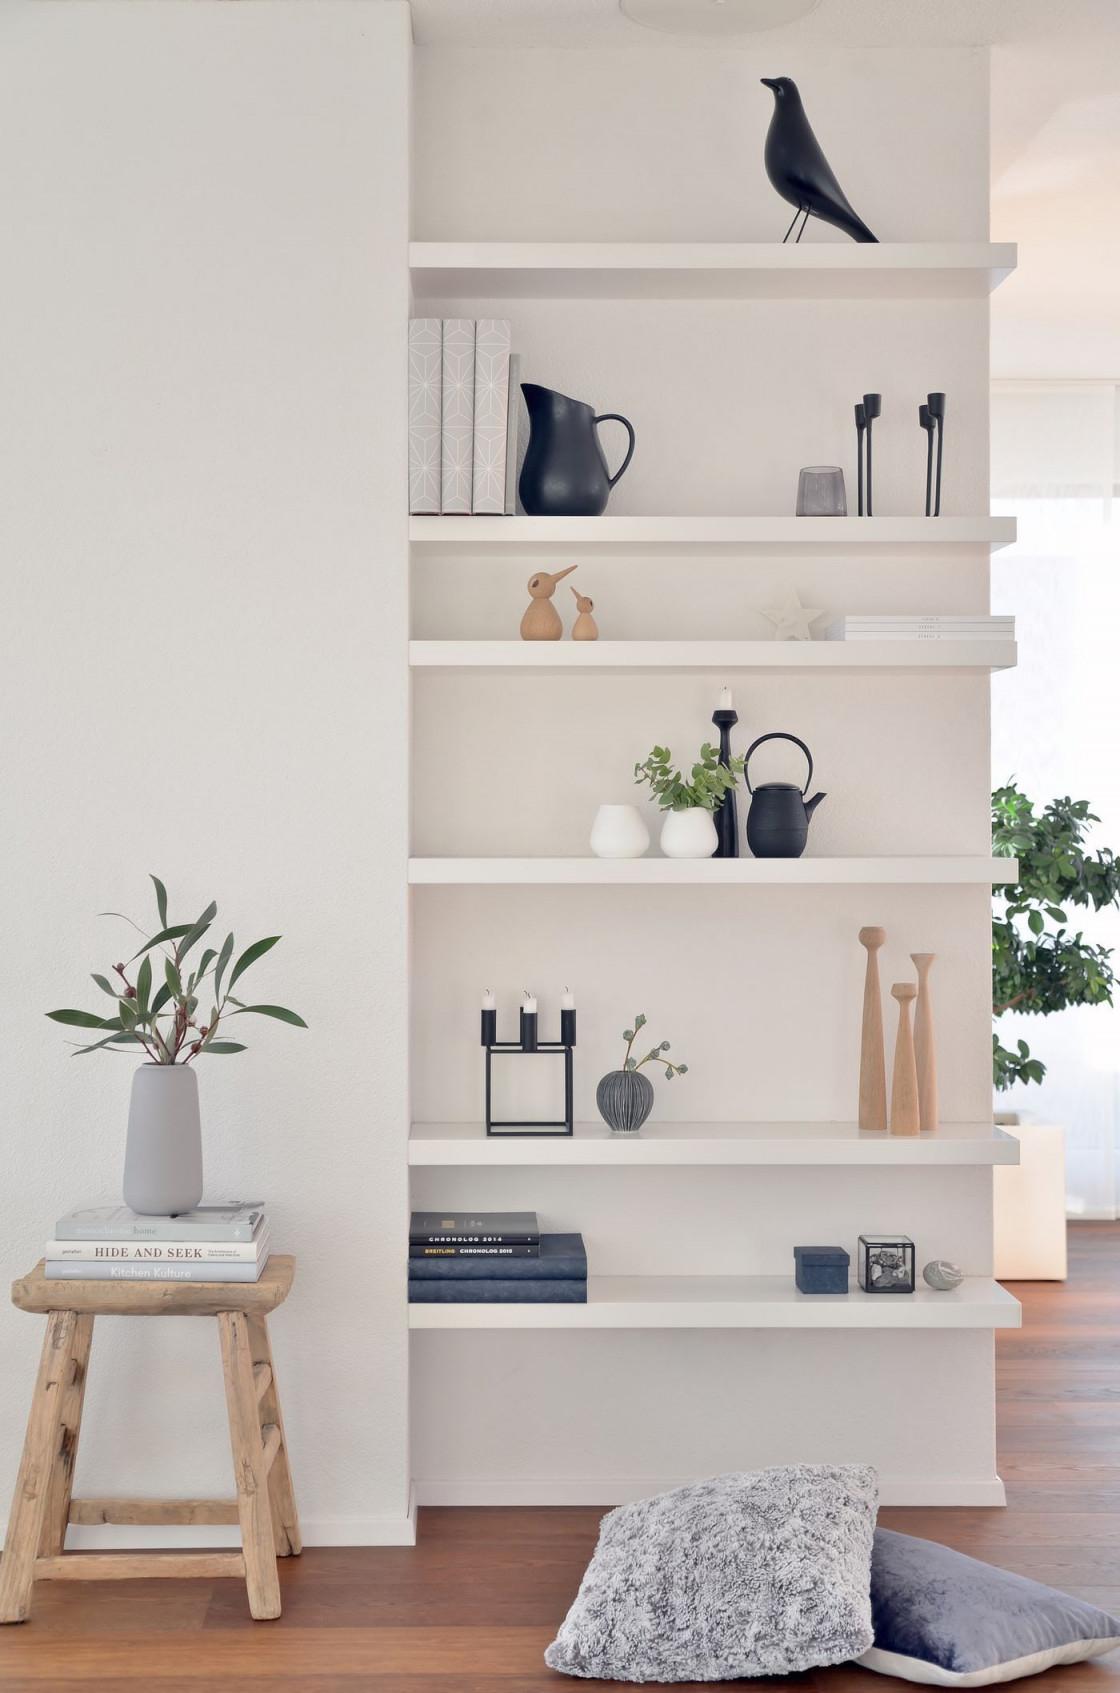 Wohnzimmer Die Schönsten Ideen von Wohnung Wohnzimmer Ideen Bild